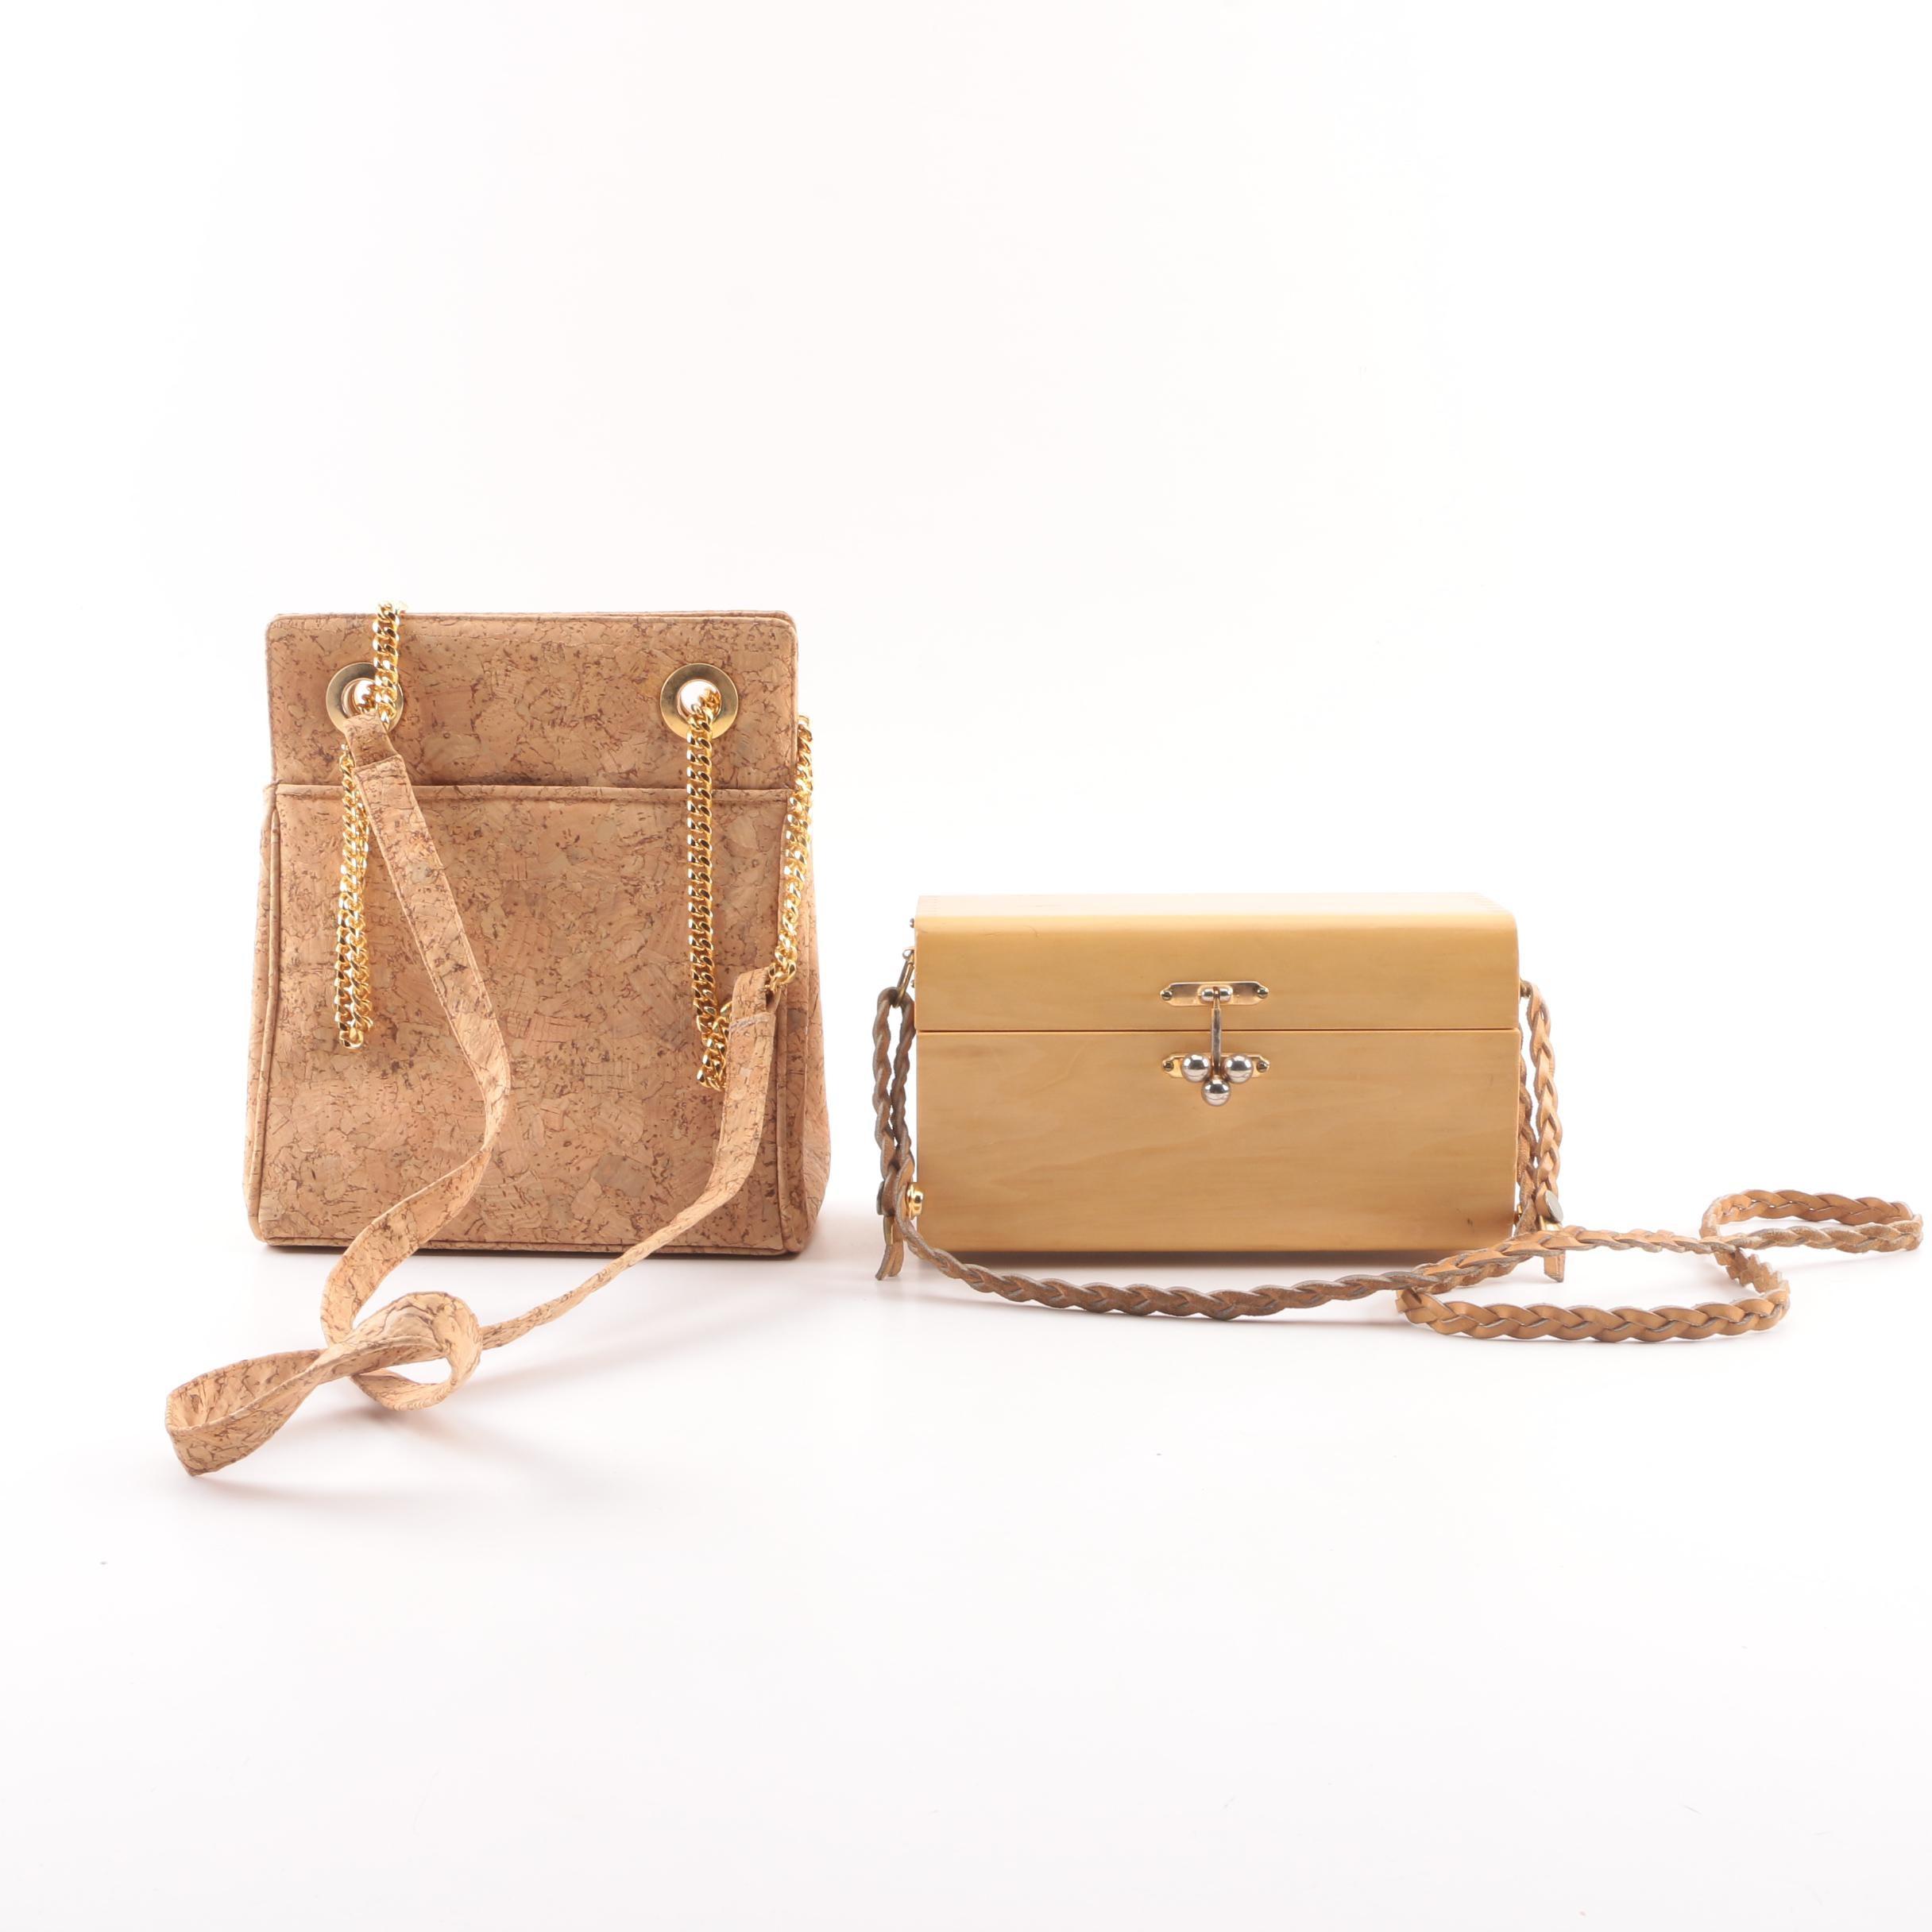 Frenchy of California Cork Shoulder Bag and Chapel Handbox Maple Box Bag